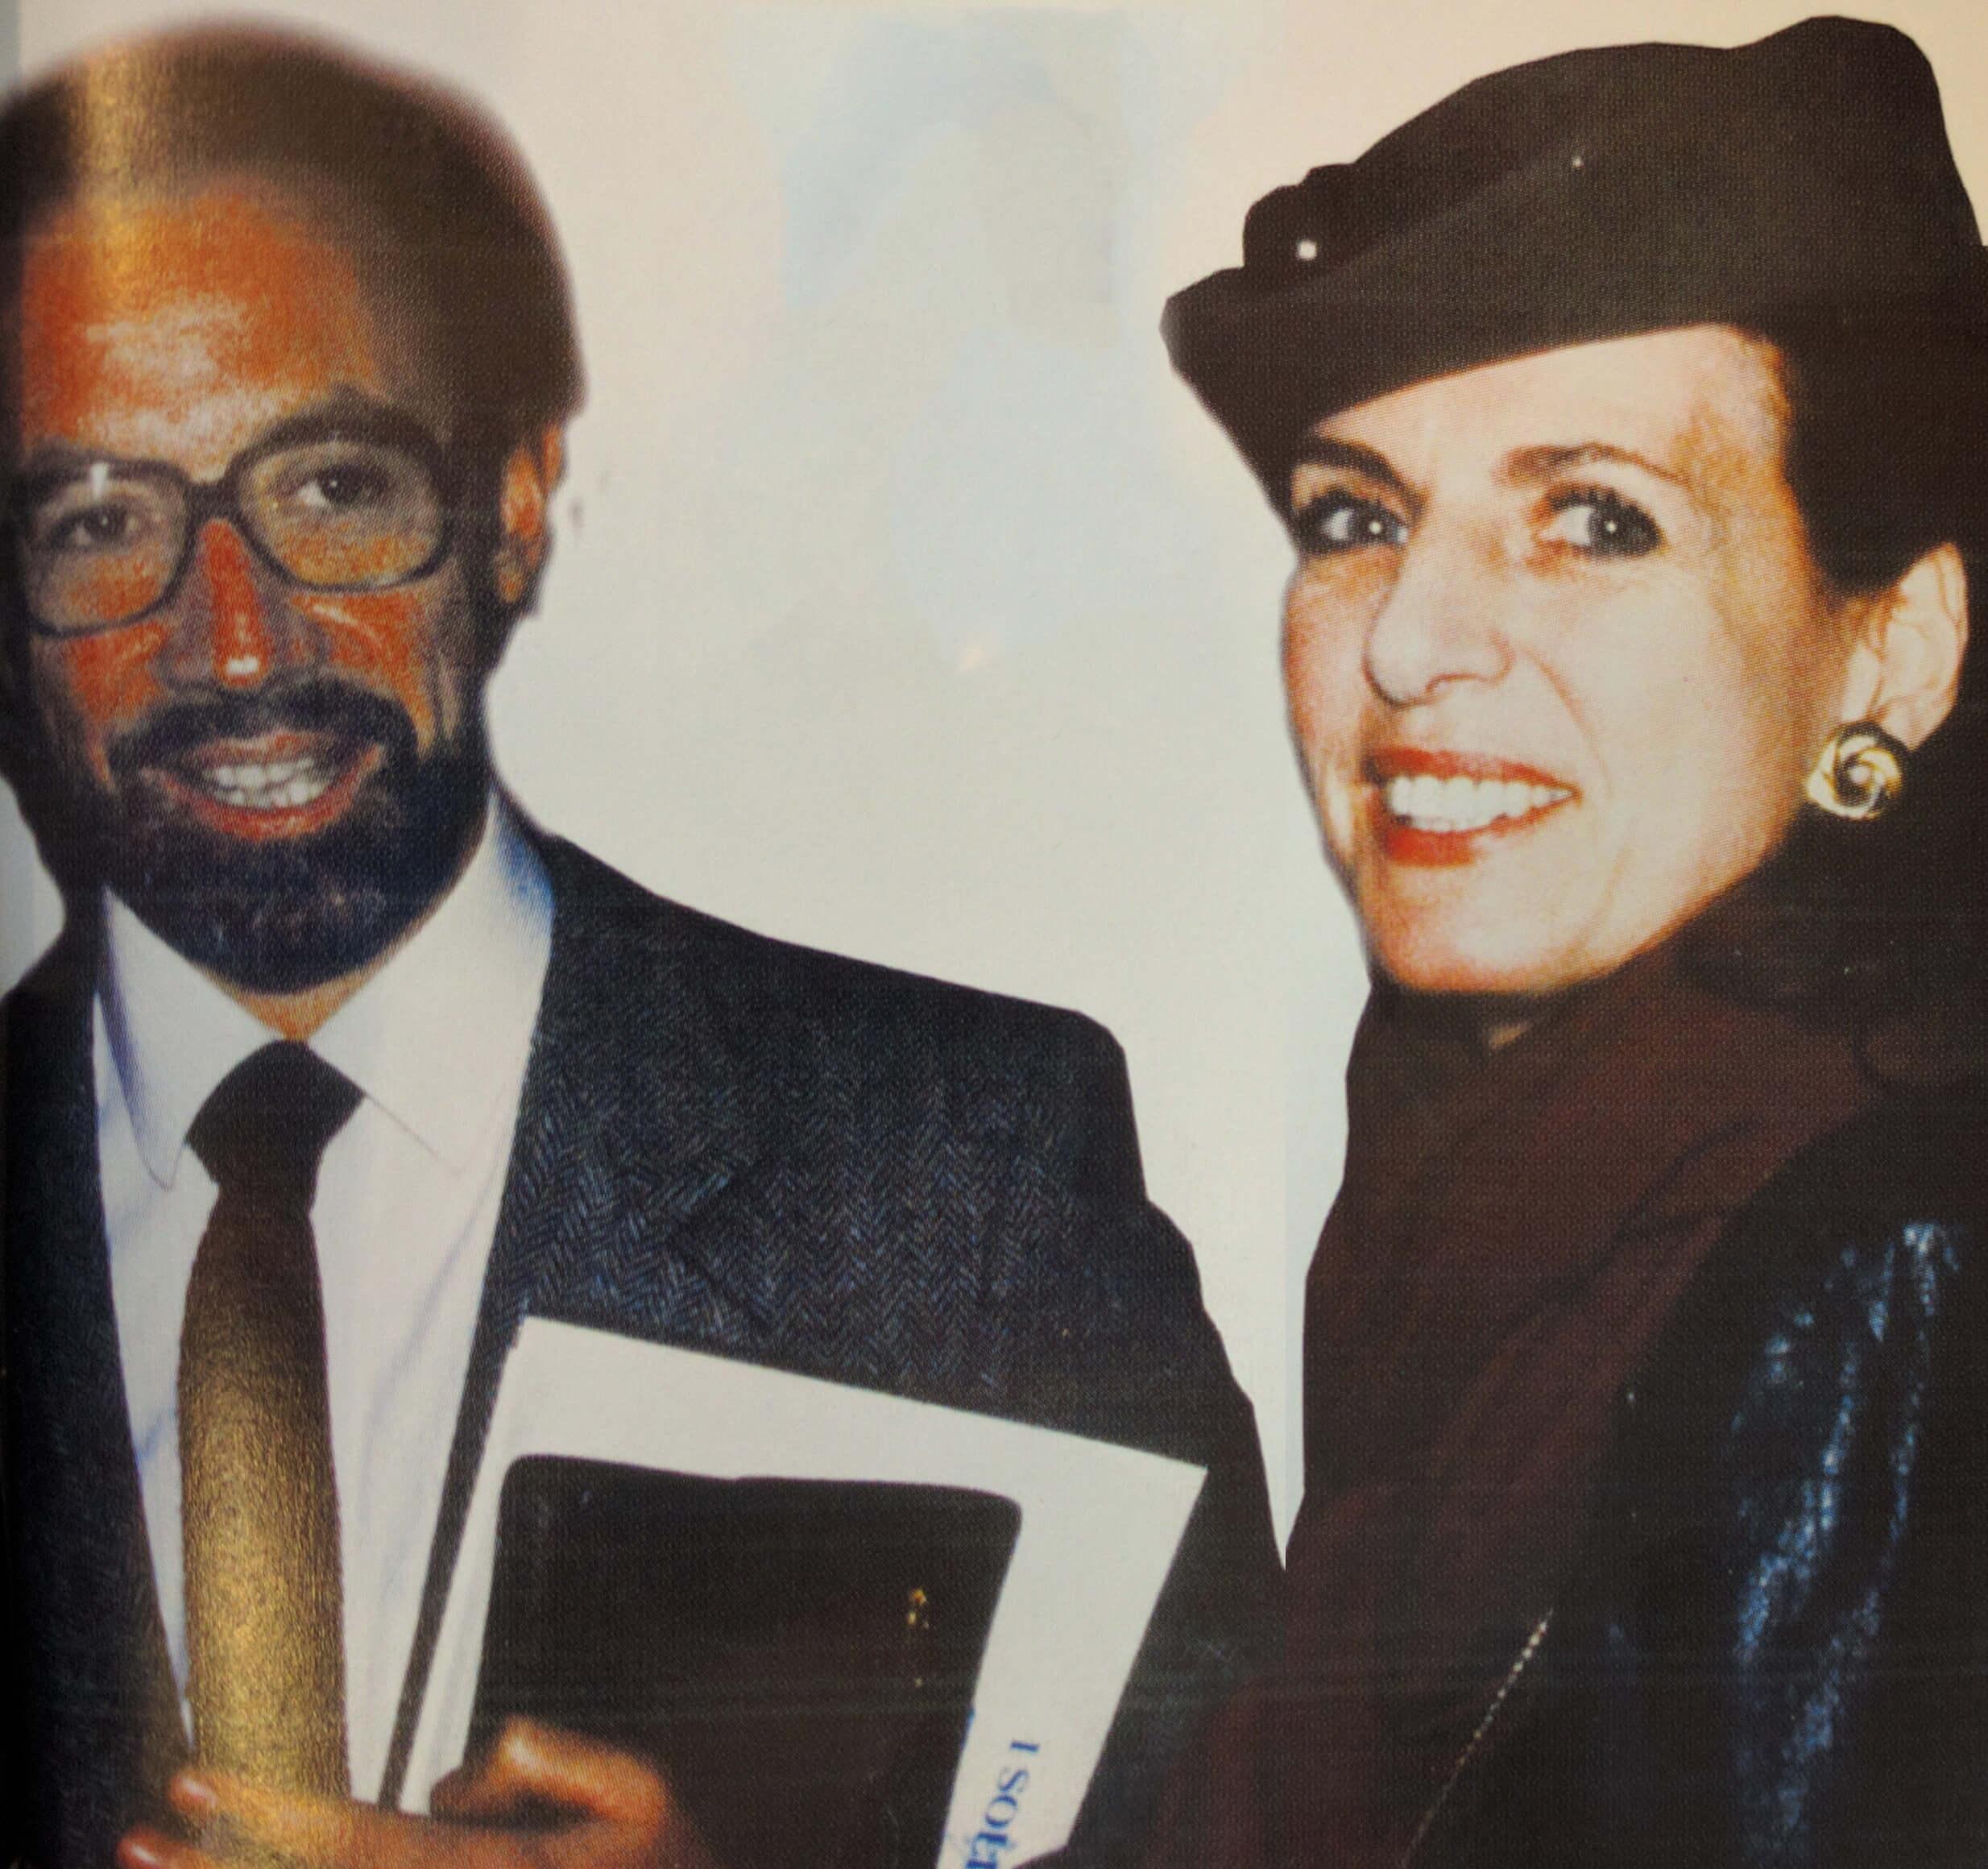 Il professor Mauro Moroni dell'Ospedale Sacco e Fiore Crespi, presidente nazionale ANLAIDS fino al giugno 2013.